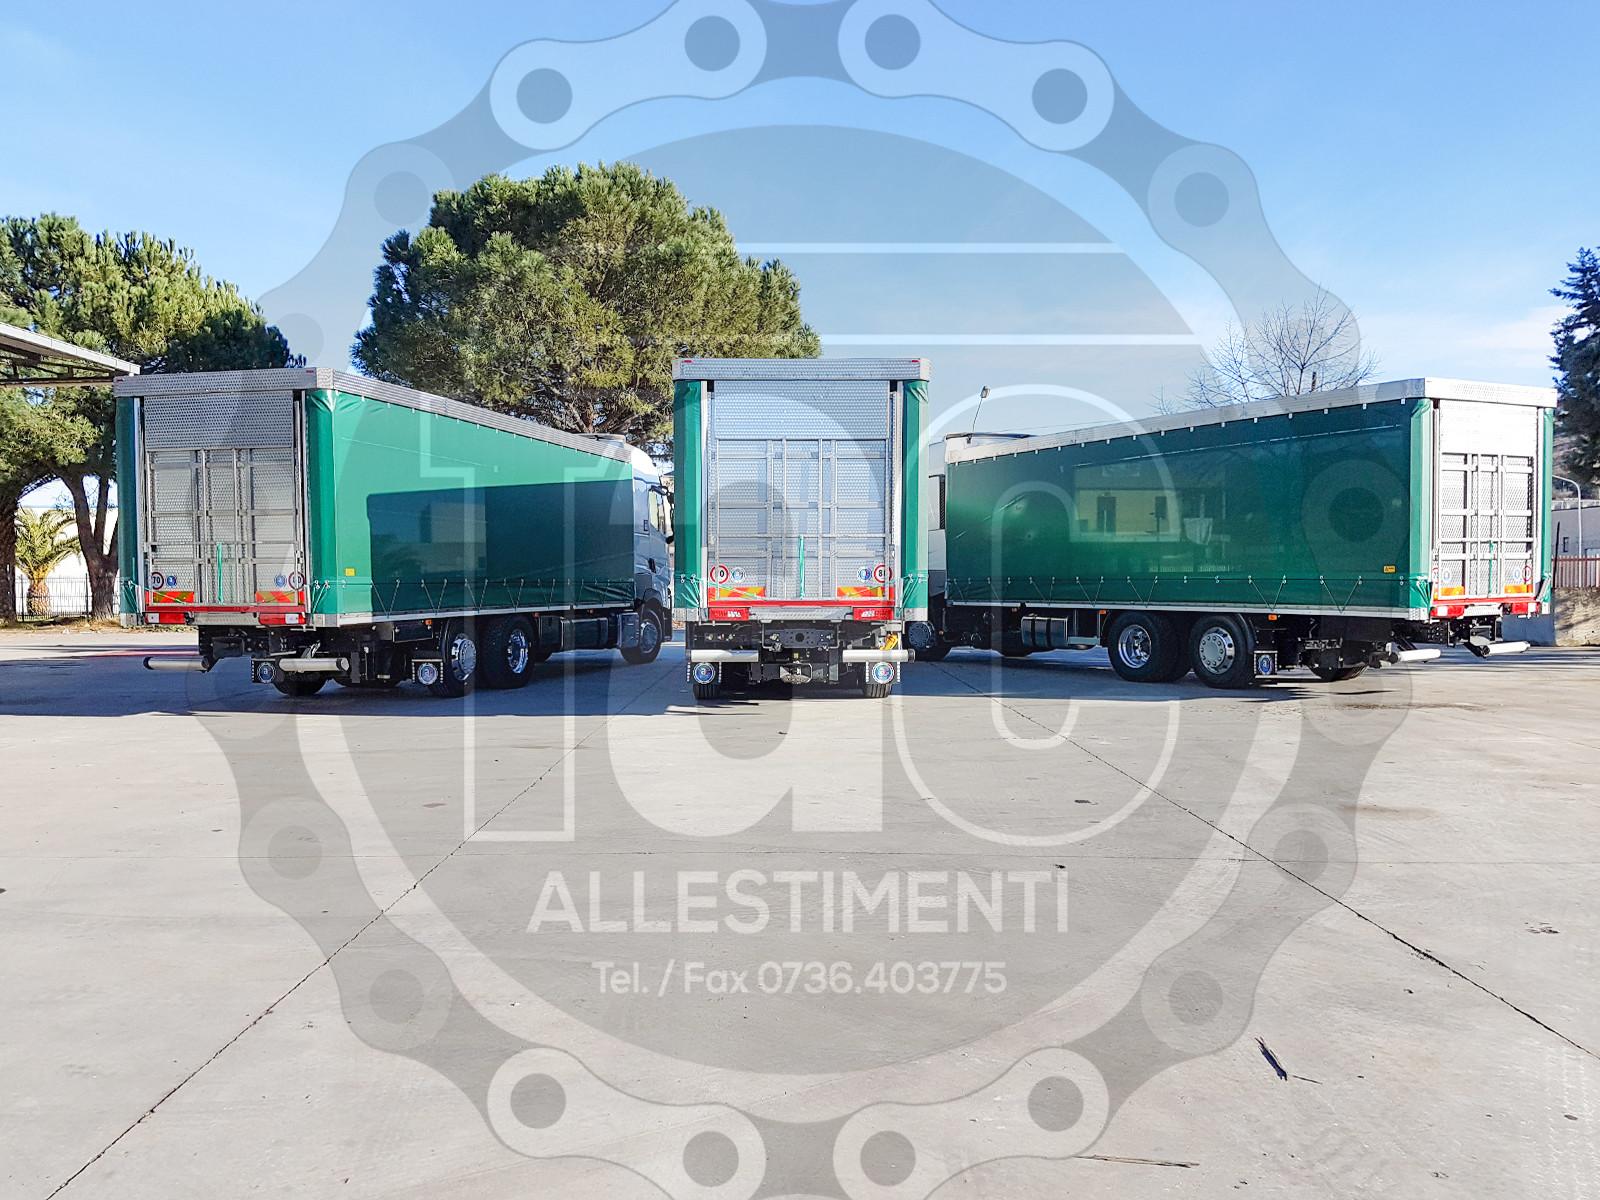 Realizzazione di camion per trasporto animali vivi 7